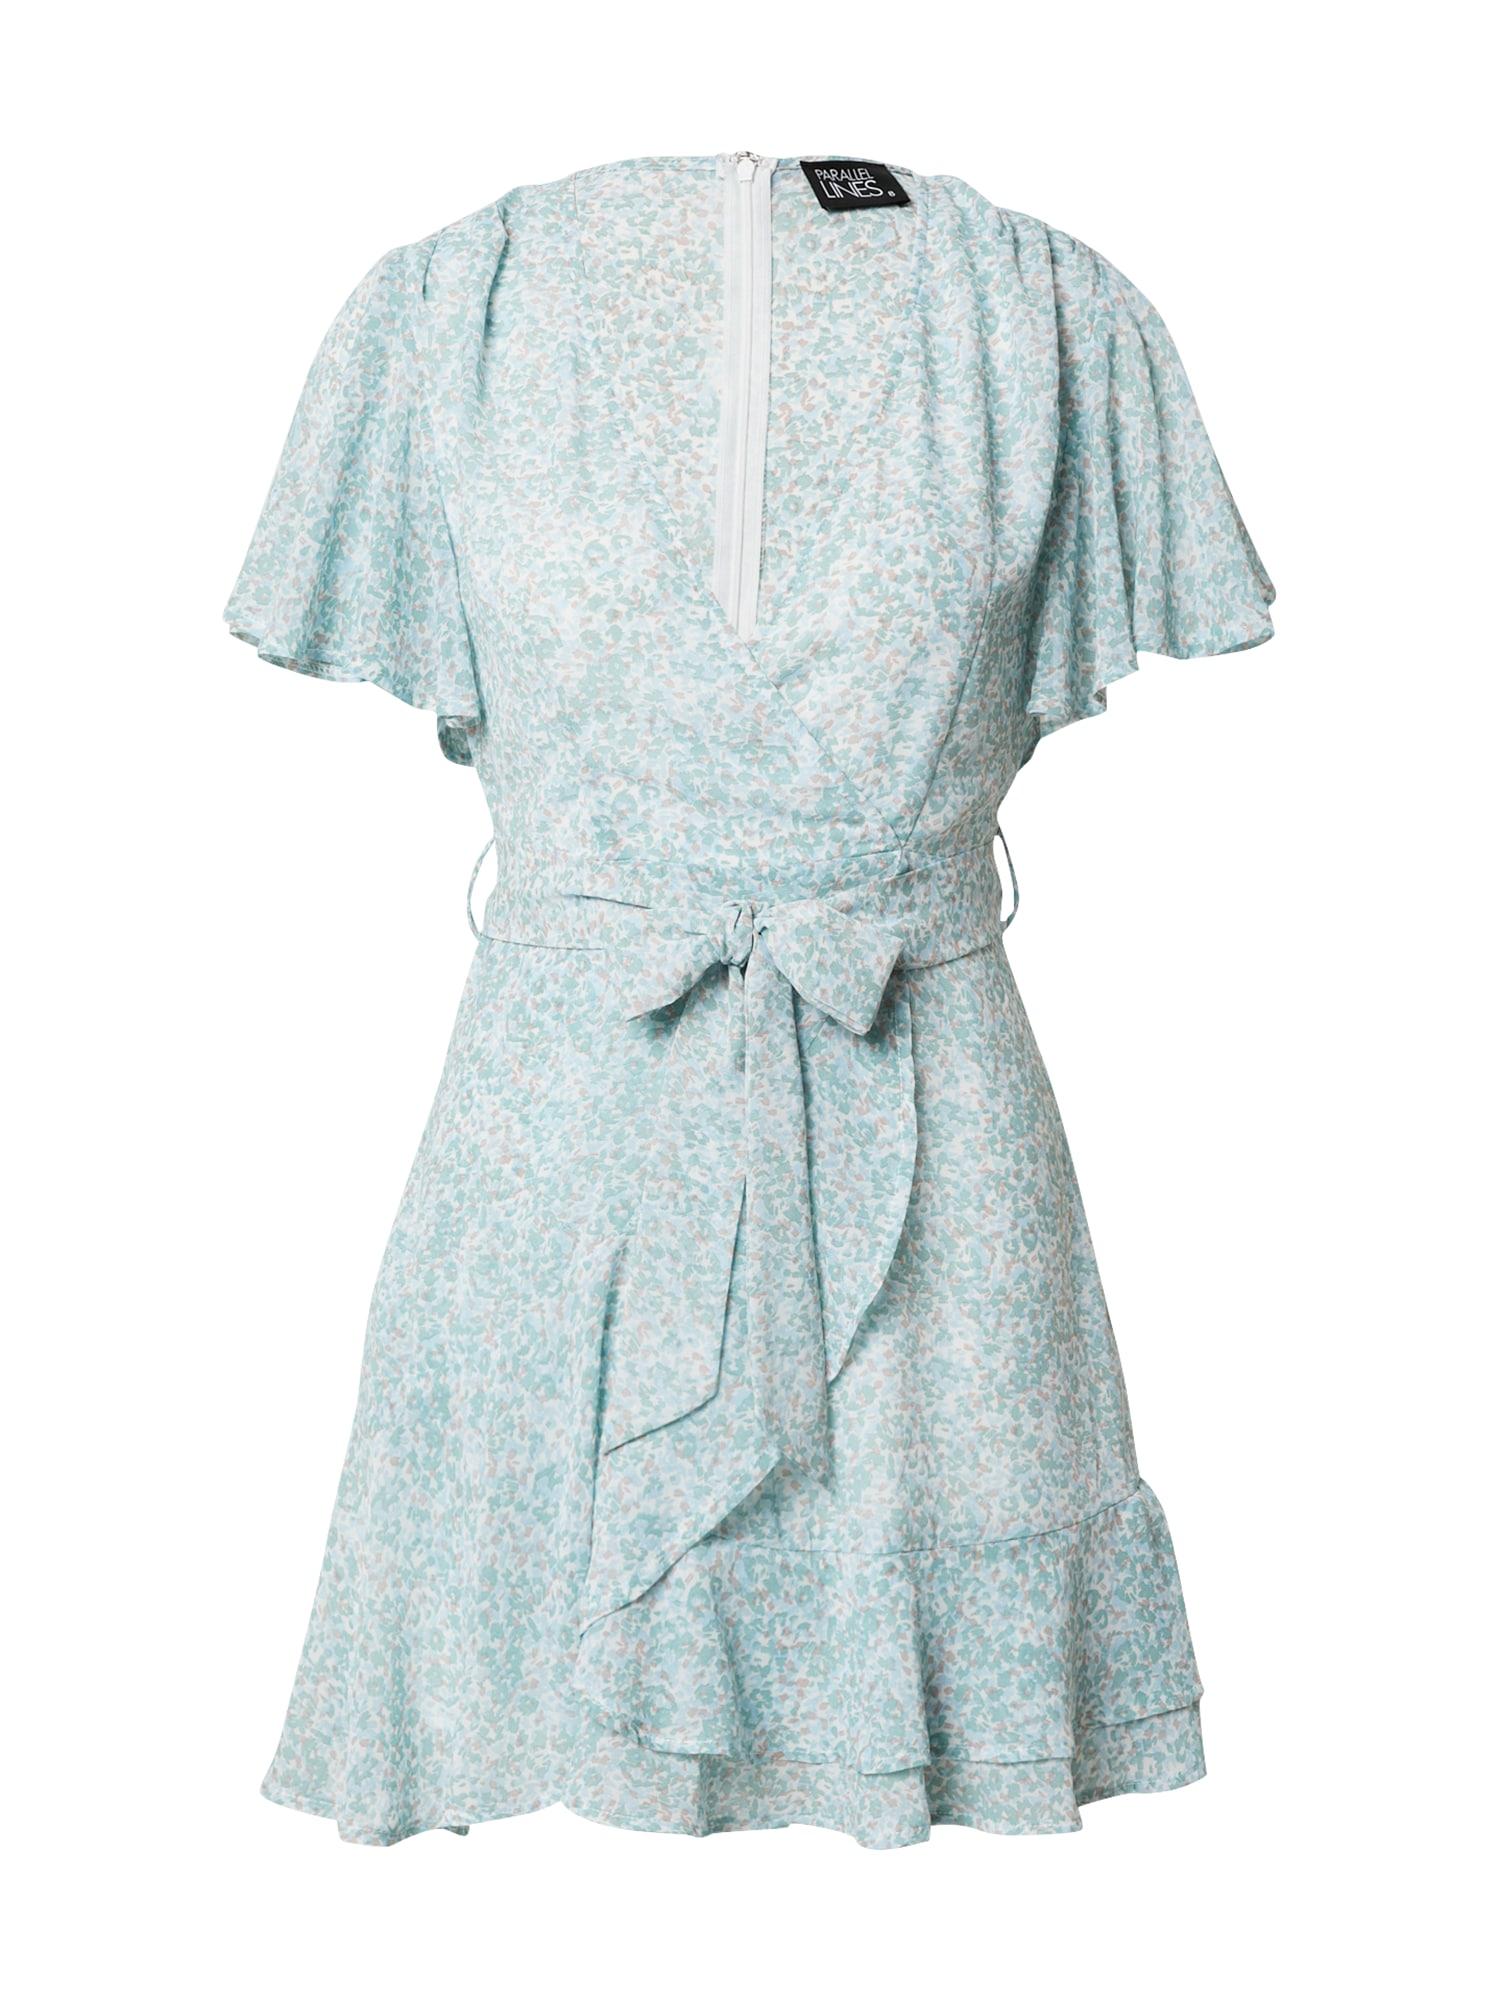 Parallel Lines Vasarinė suknelė balta / nefrito spalva / kupranugario